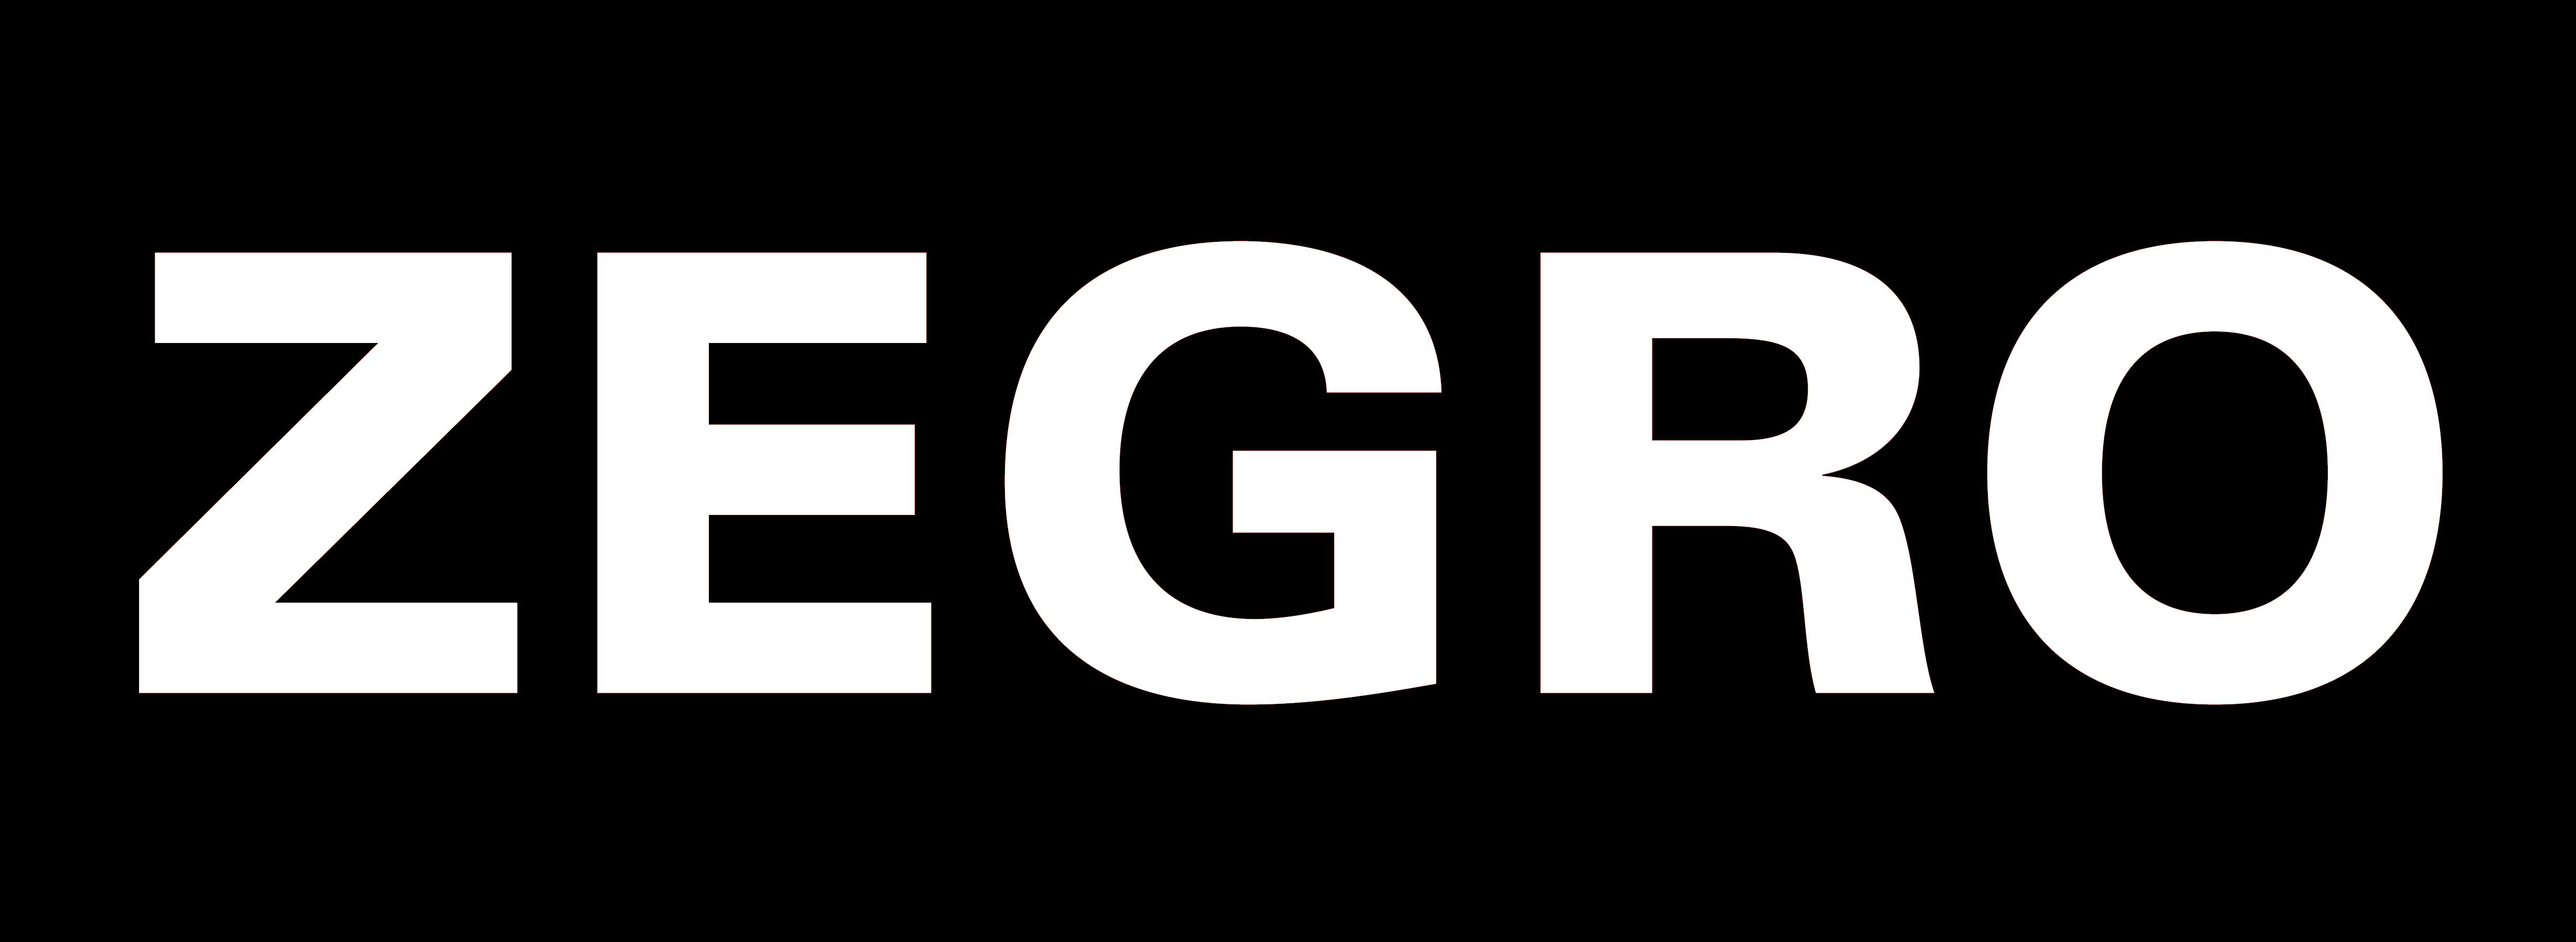 Zegro